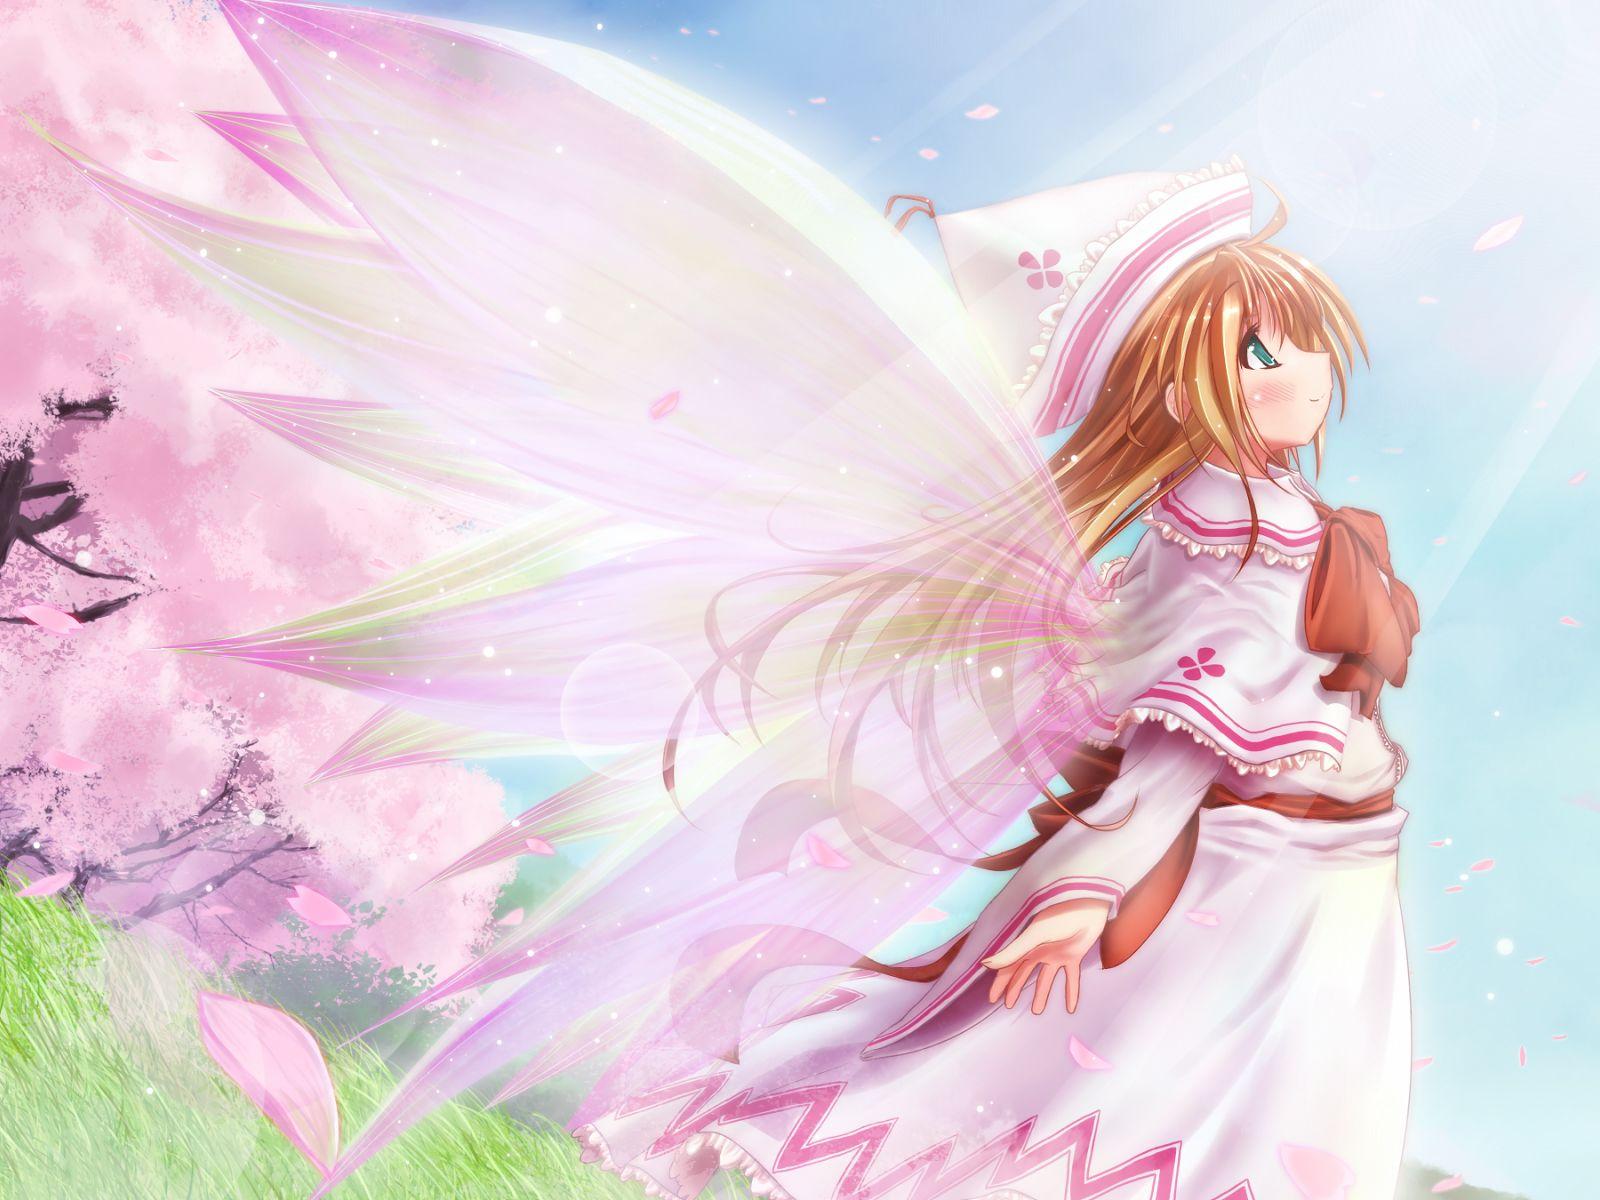 Anime Wallpapers Anime Girl Wallpapers 9533